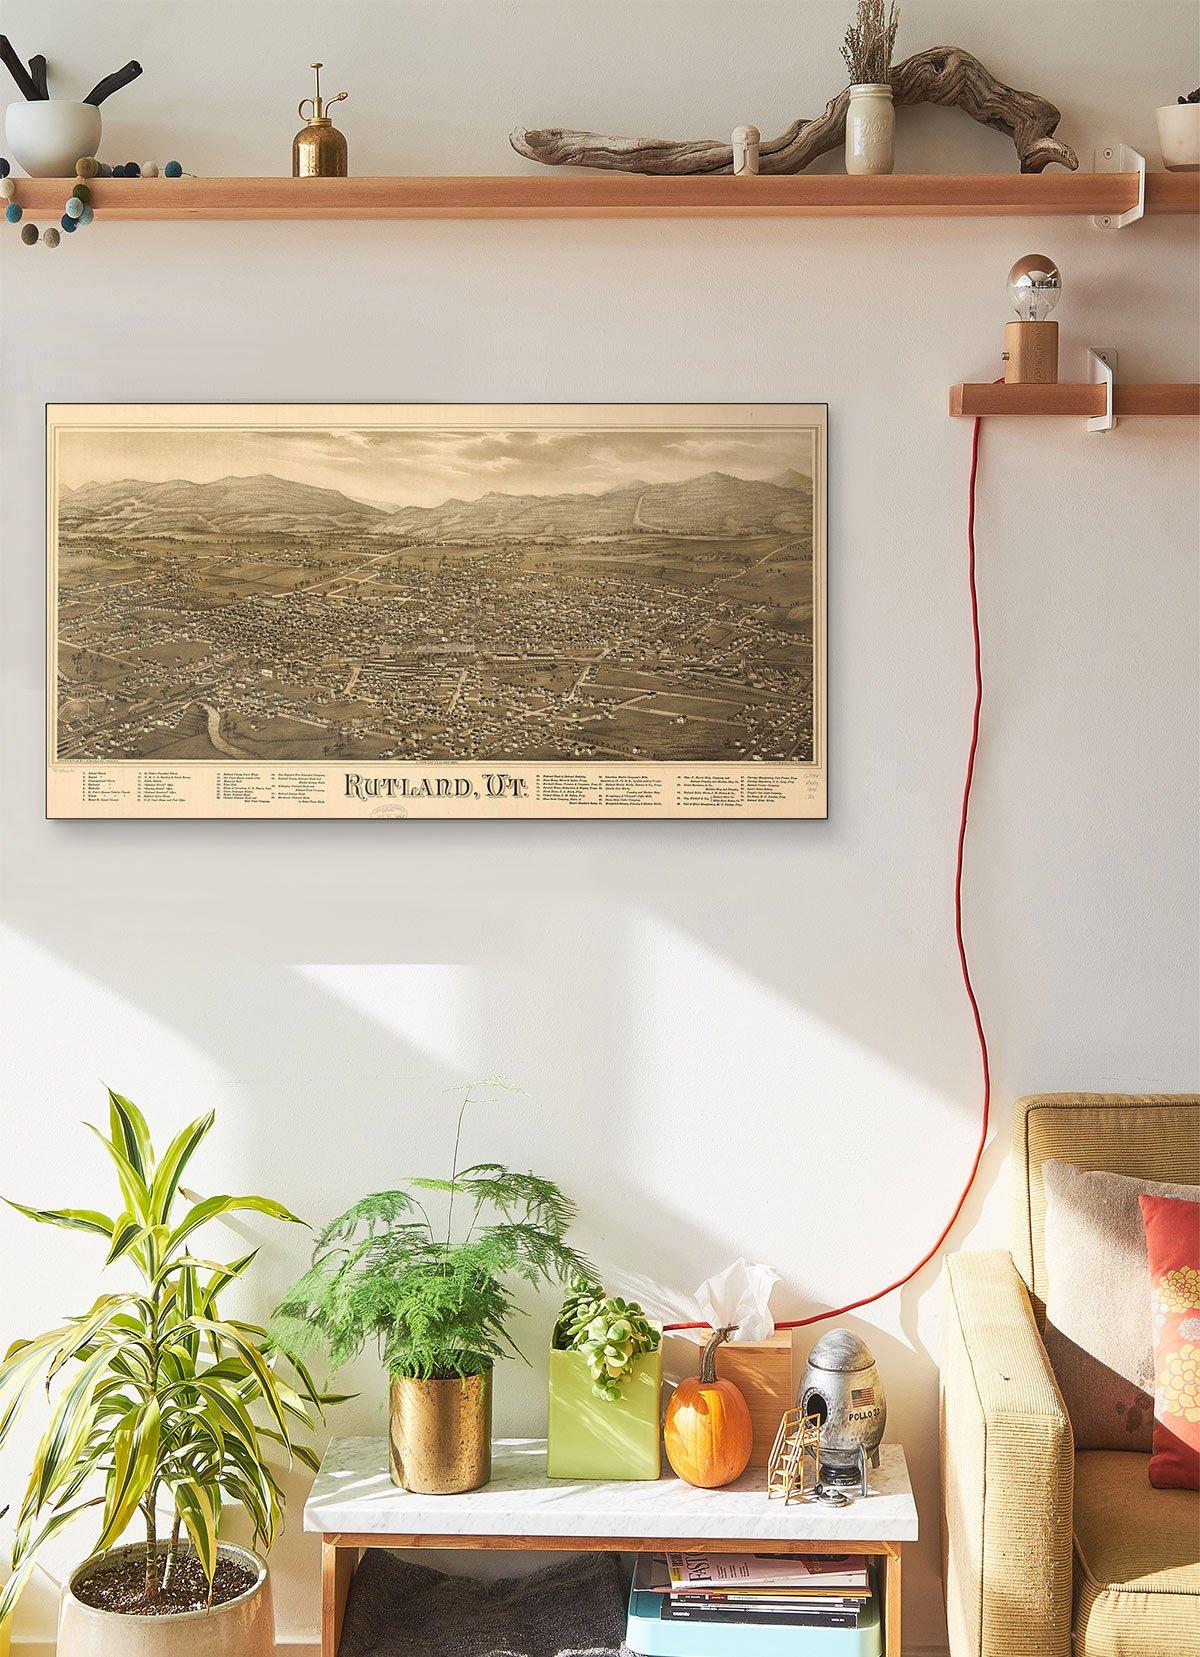 Rutland Vt LARGE Vintage Map